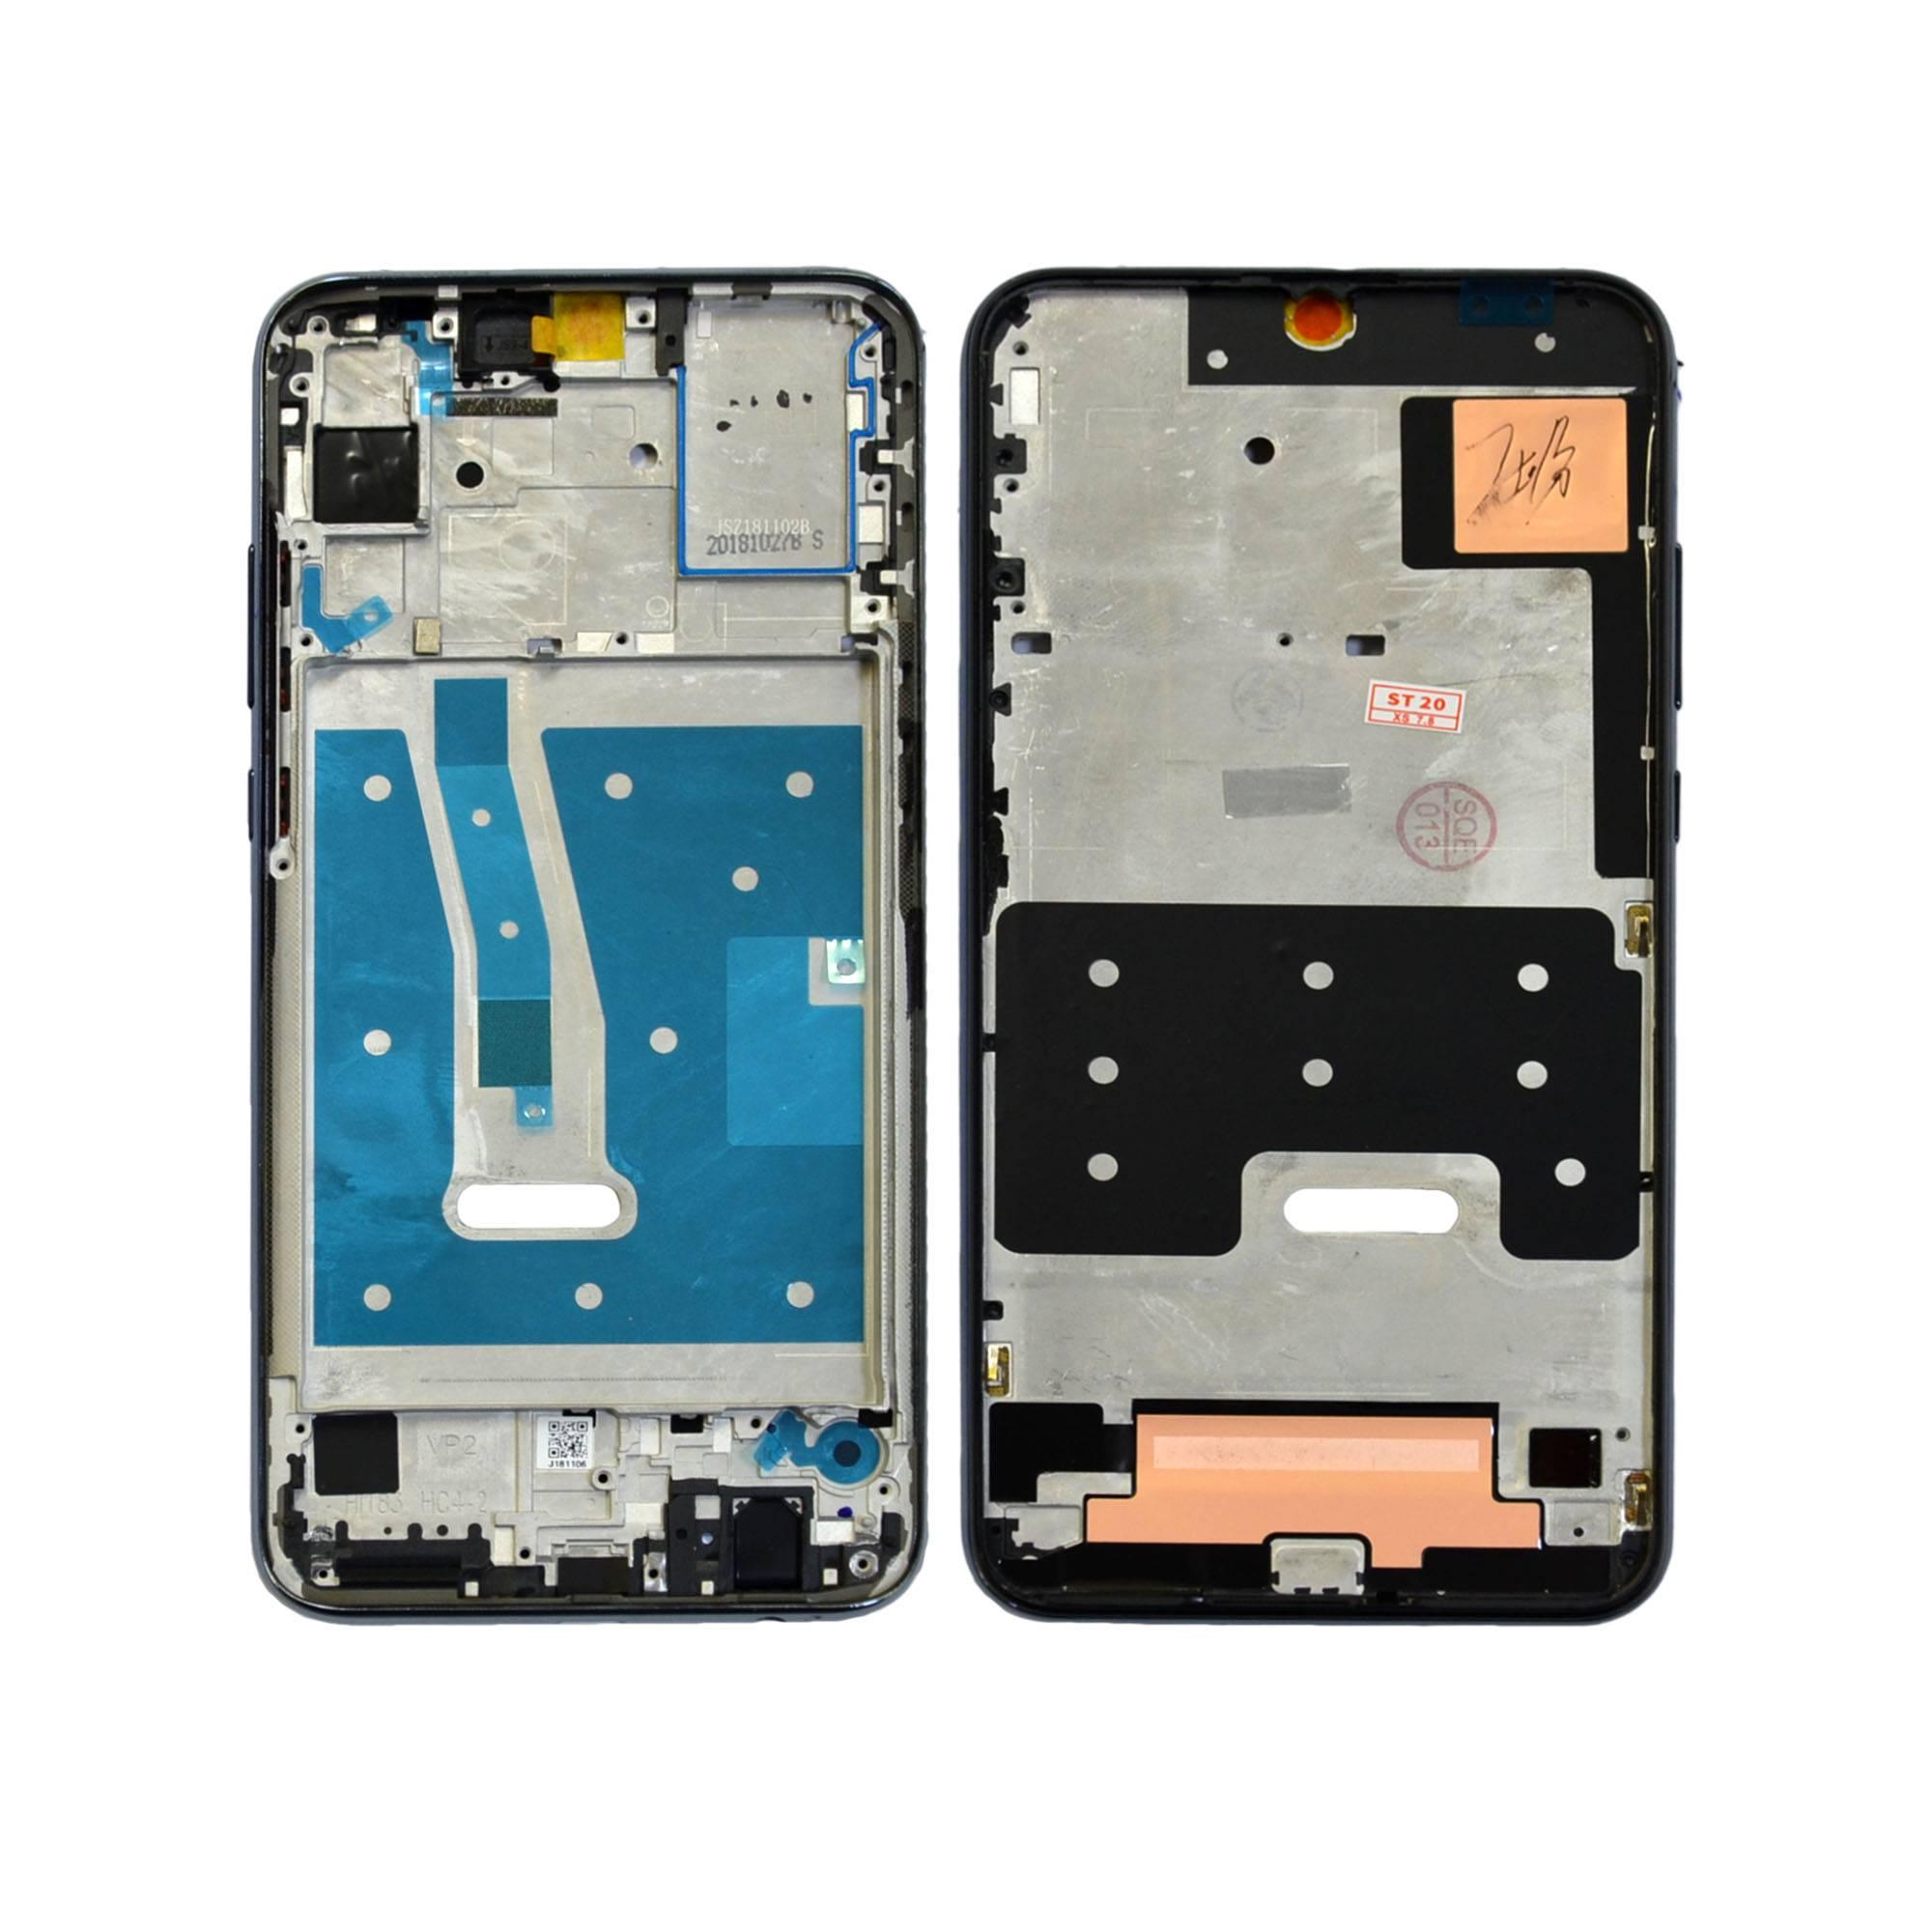 ЗАПЧАСТИ ДЛЯ СОТОВЫХ :: ЗАПЧАСТИ ДЛЯ HUAWEI :: ДИСПЛЕИ :: Рамка дисплея Huawei Honor 10i/Honor 10 Lite (черная) ориг 100%